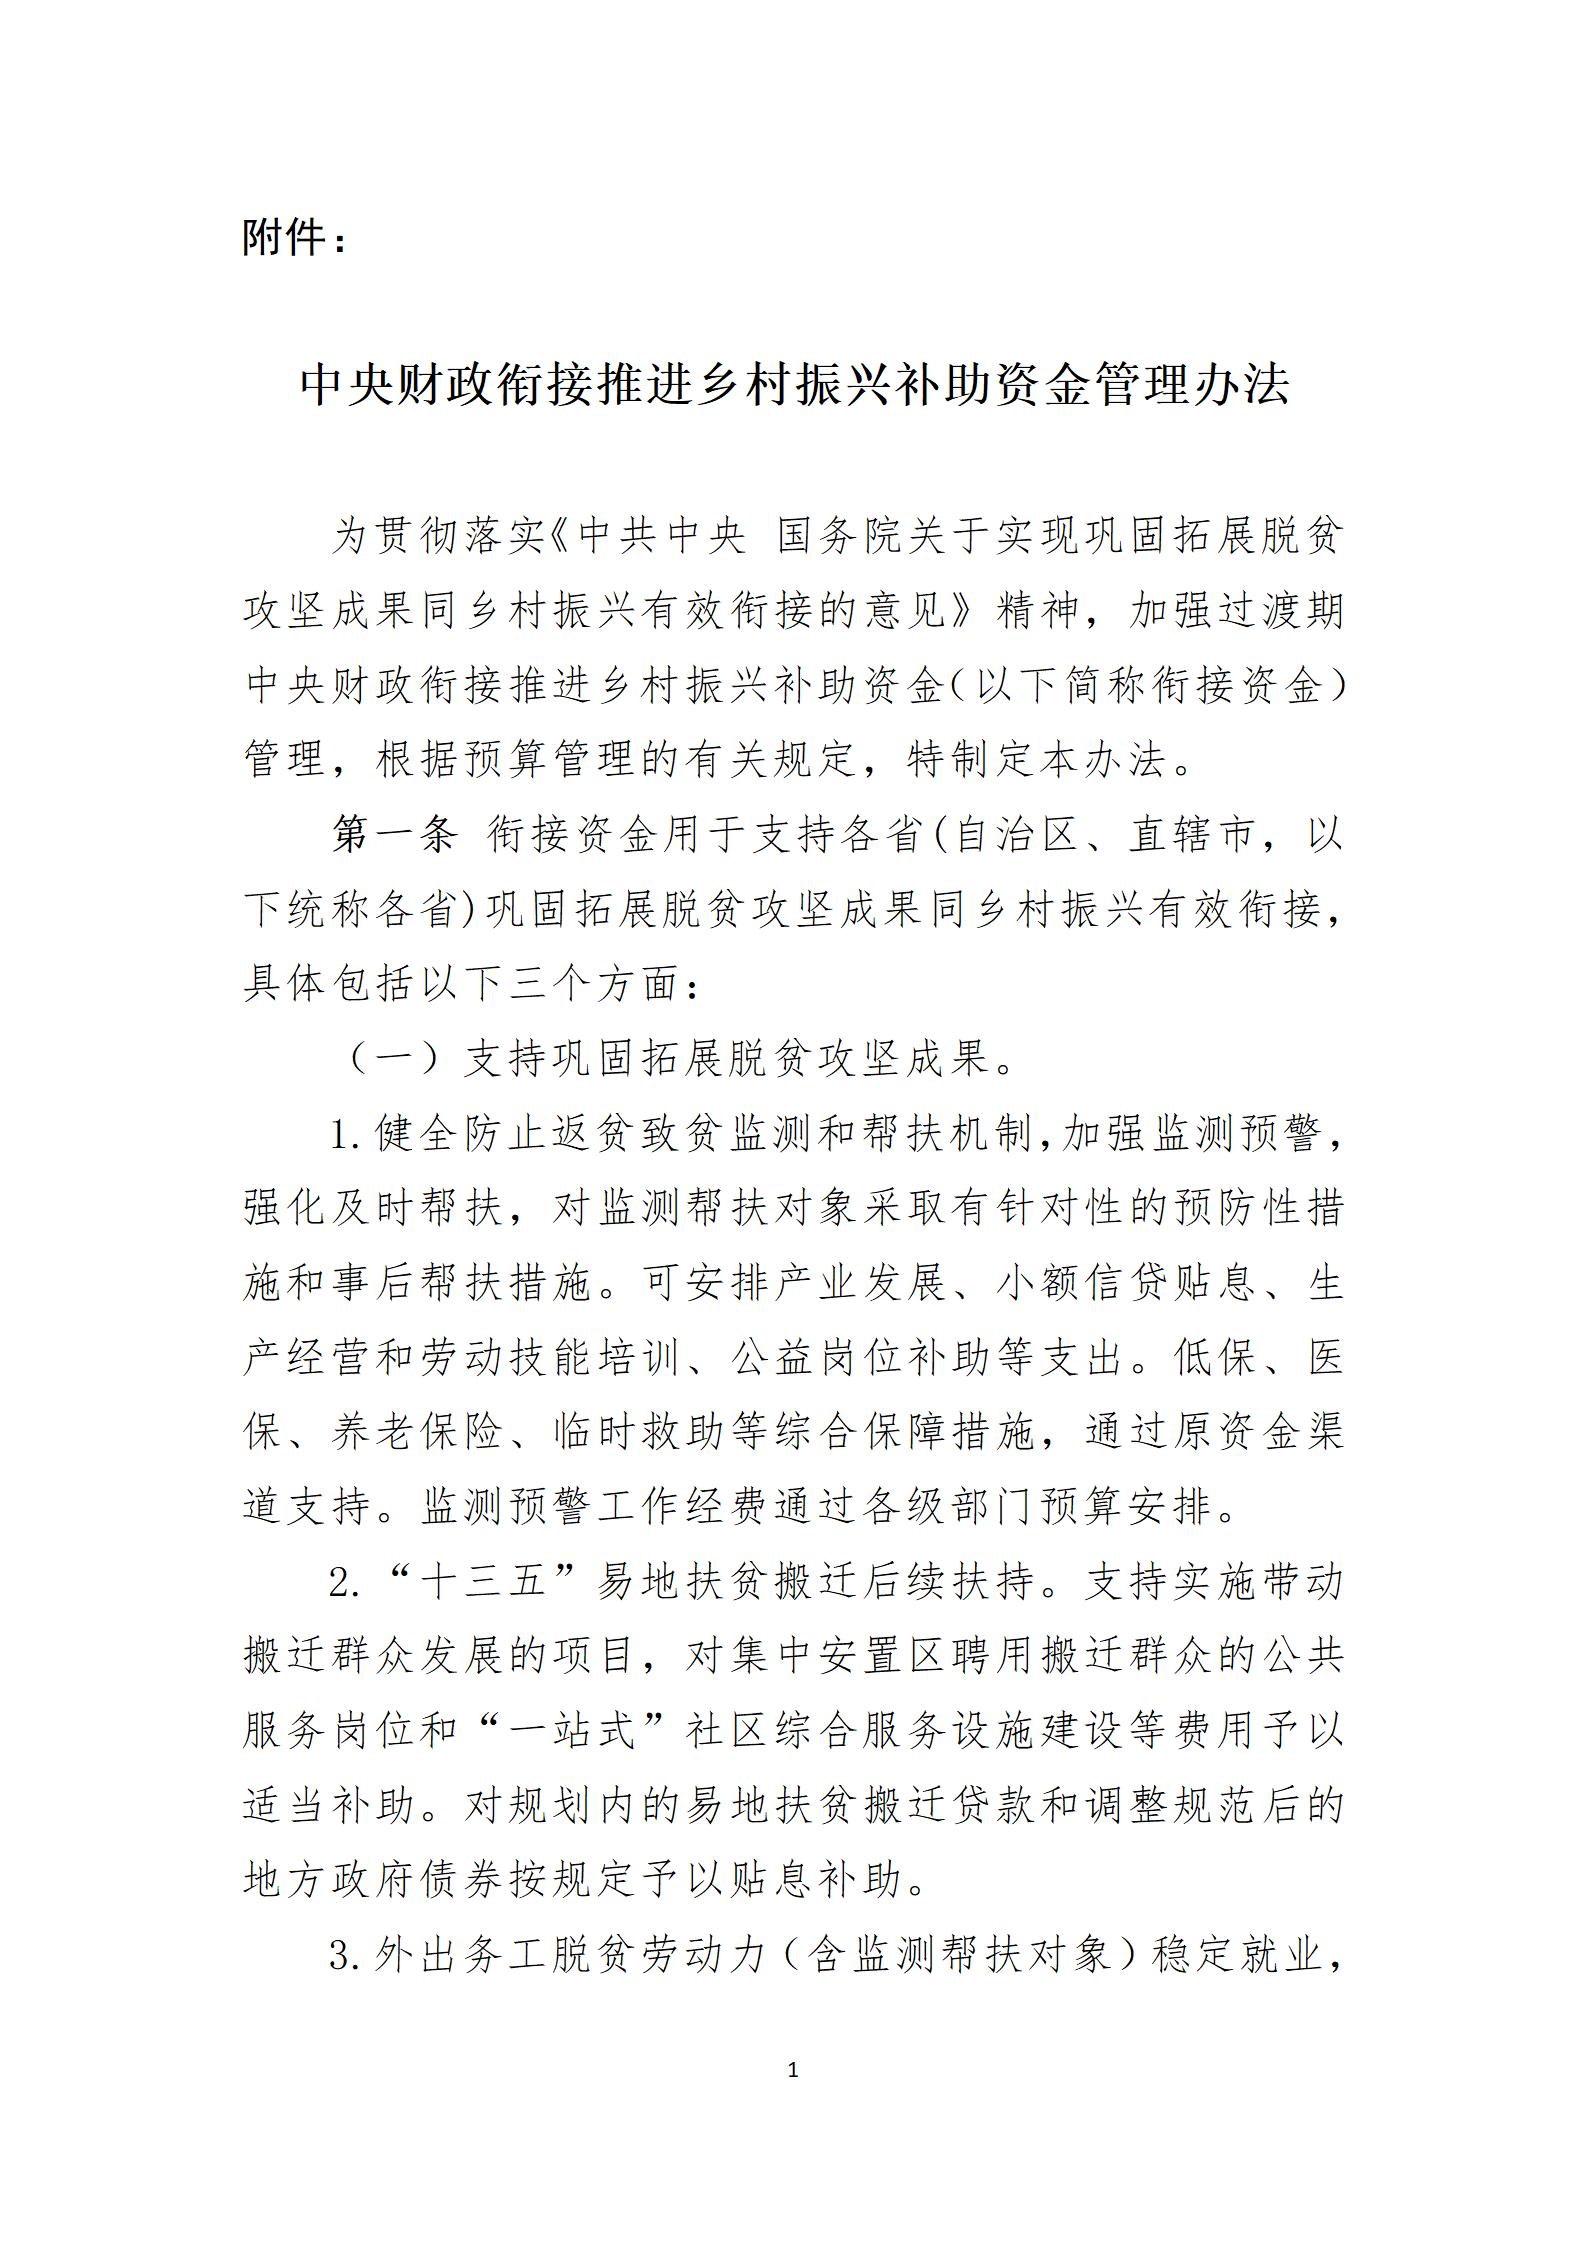 六部门印发《中央财政衔接推进乡村振兴补助资金管理办法》